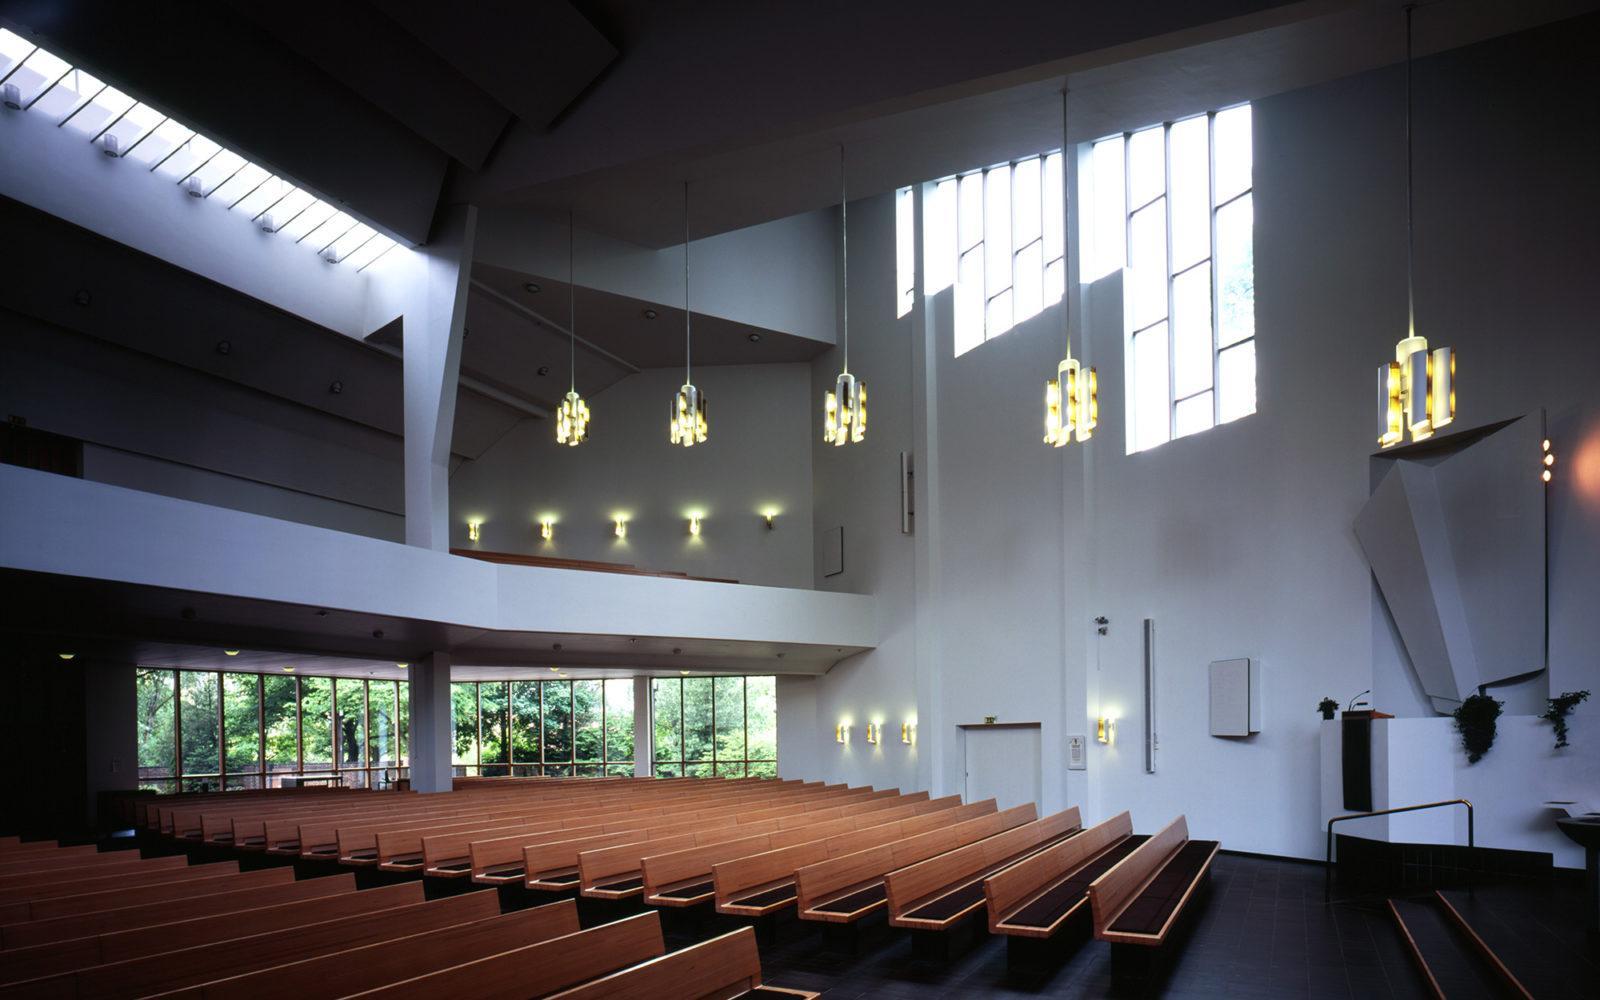 Ristinkirkon kirkkosali, Lahti